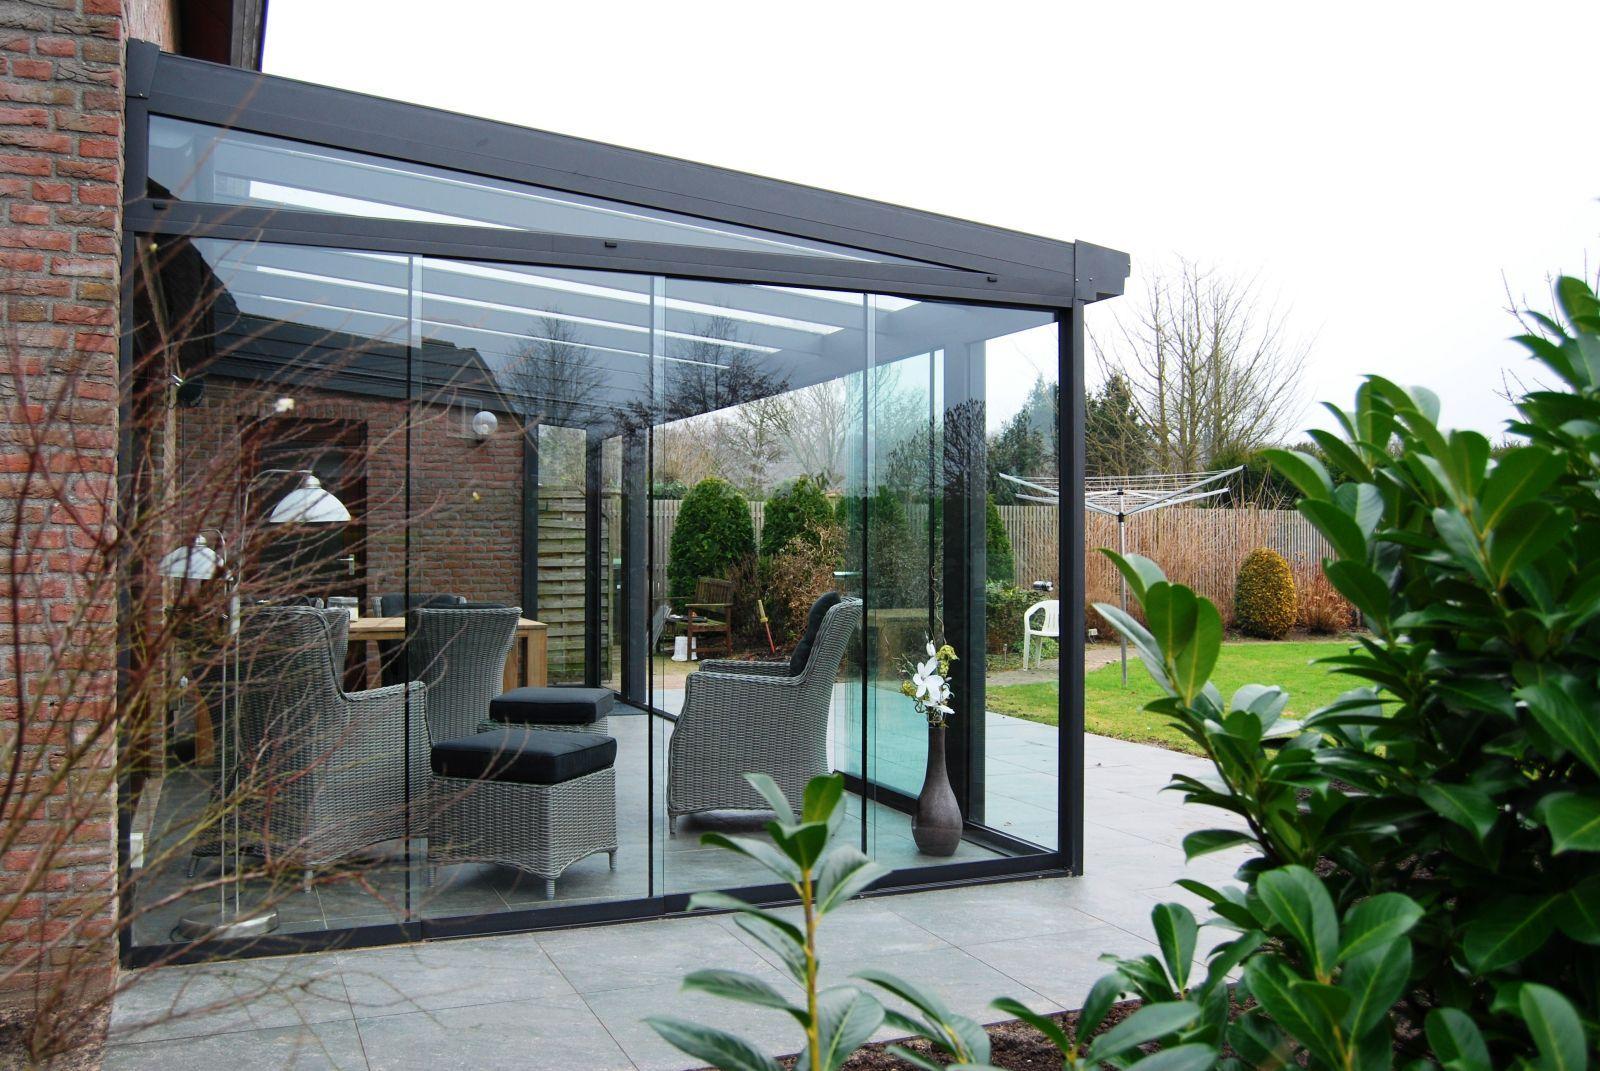 Kaltwintergarten Schiebeelemente ~ Sommergarten terrasse ganzglaselemente glasschiebeelemente